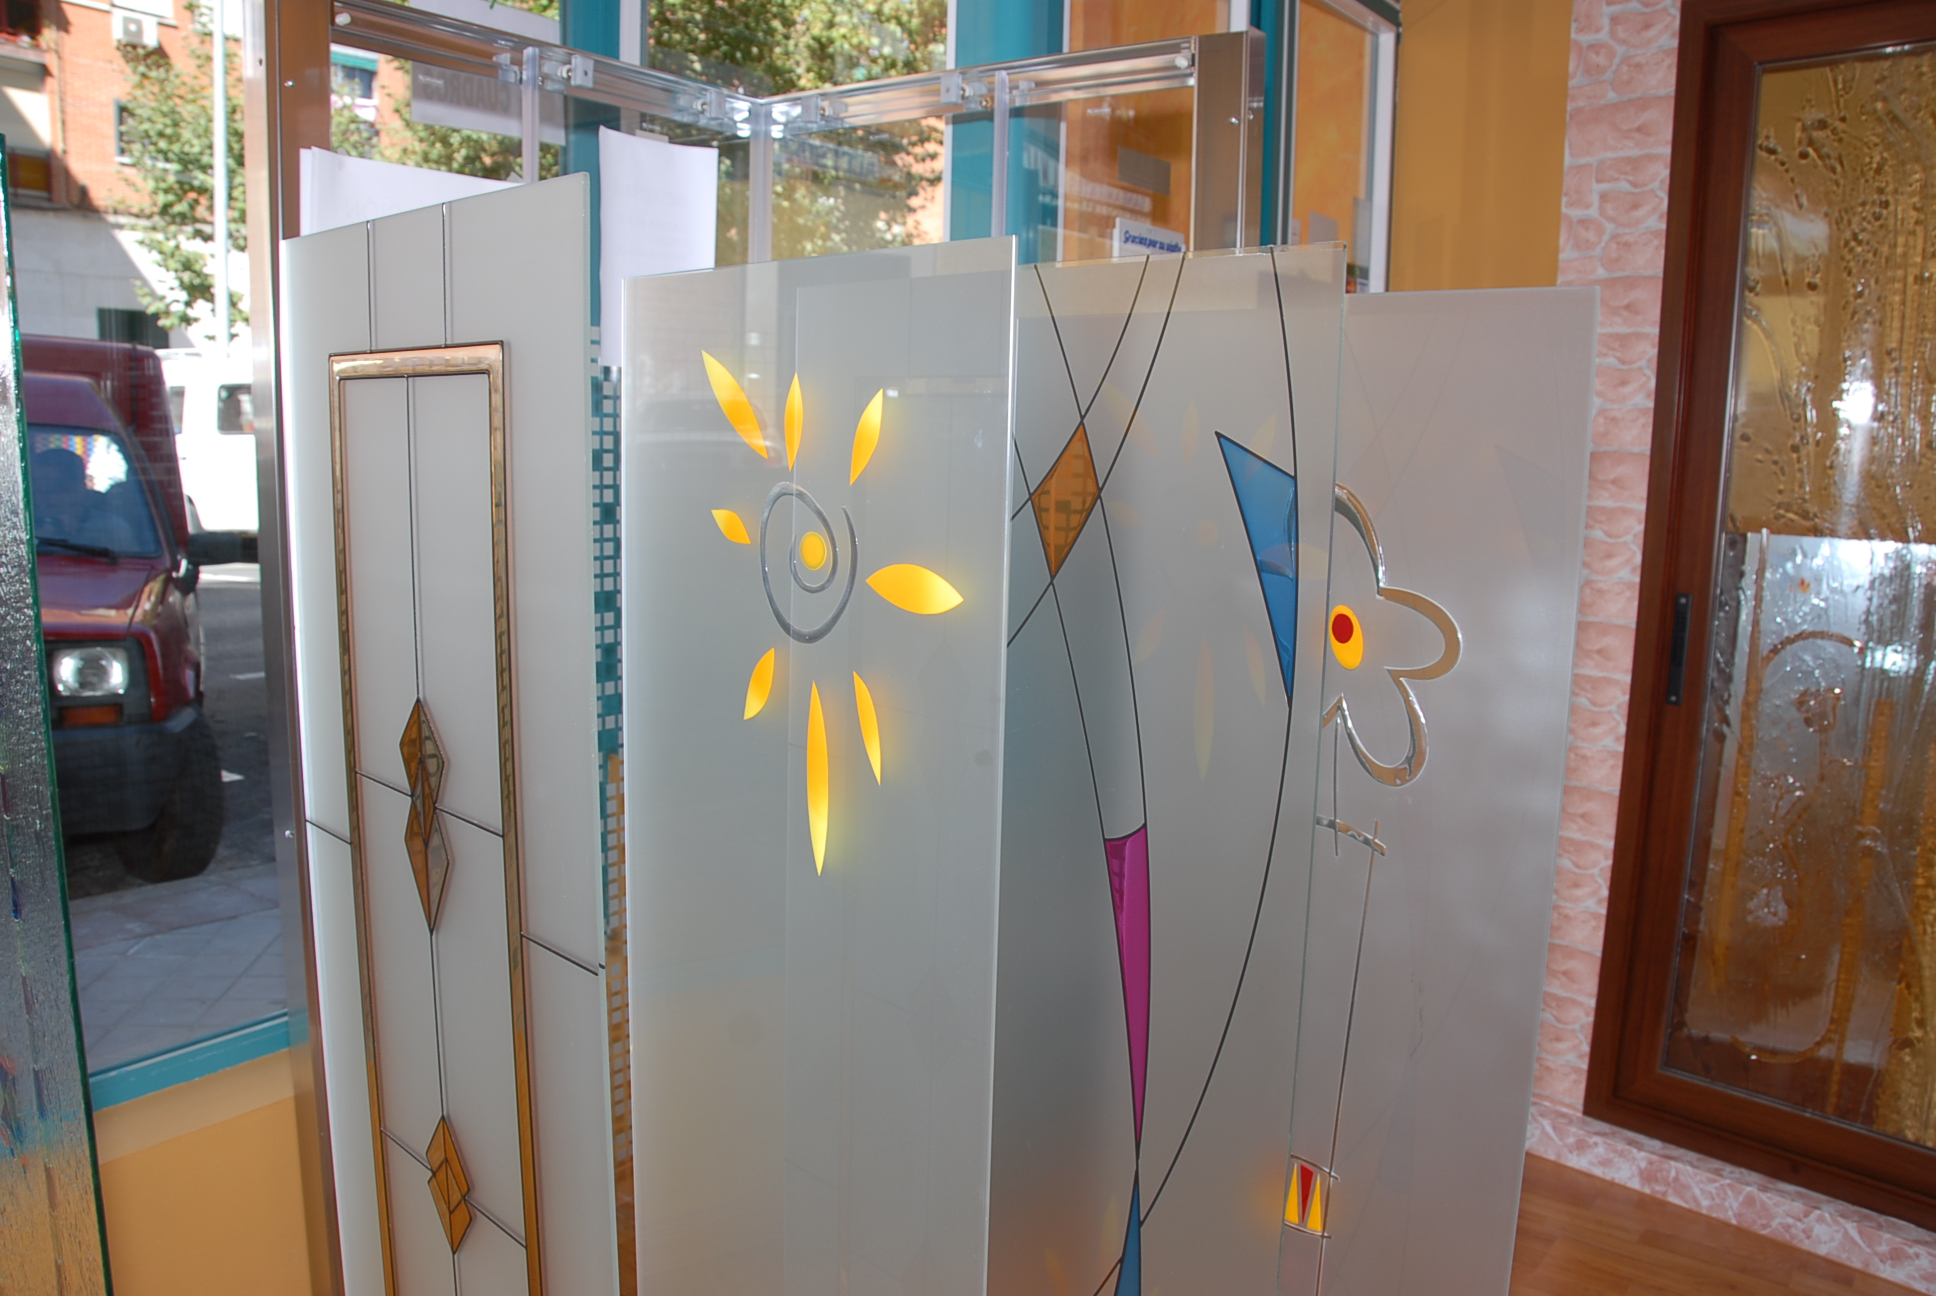 Cristales para puertas instalaci n for Cristales para puertas de interior catalogo